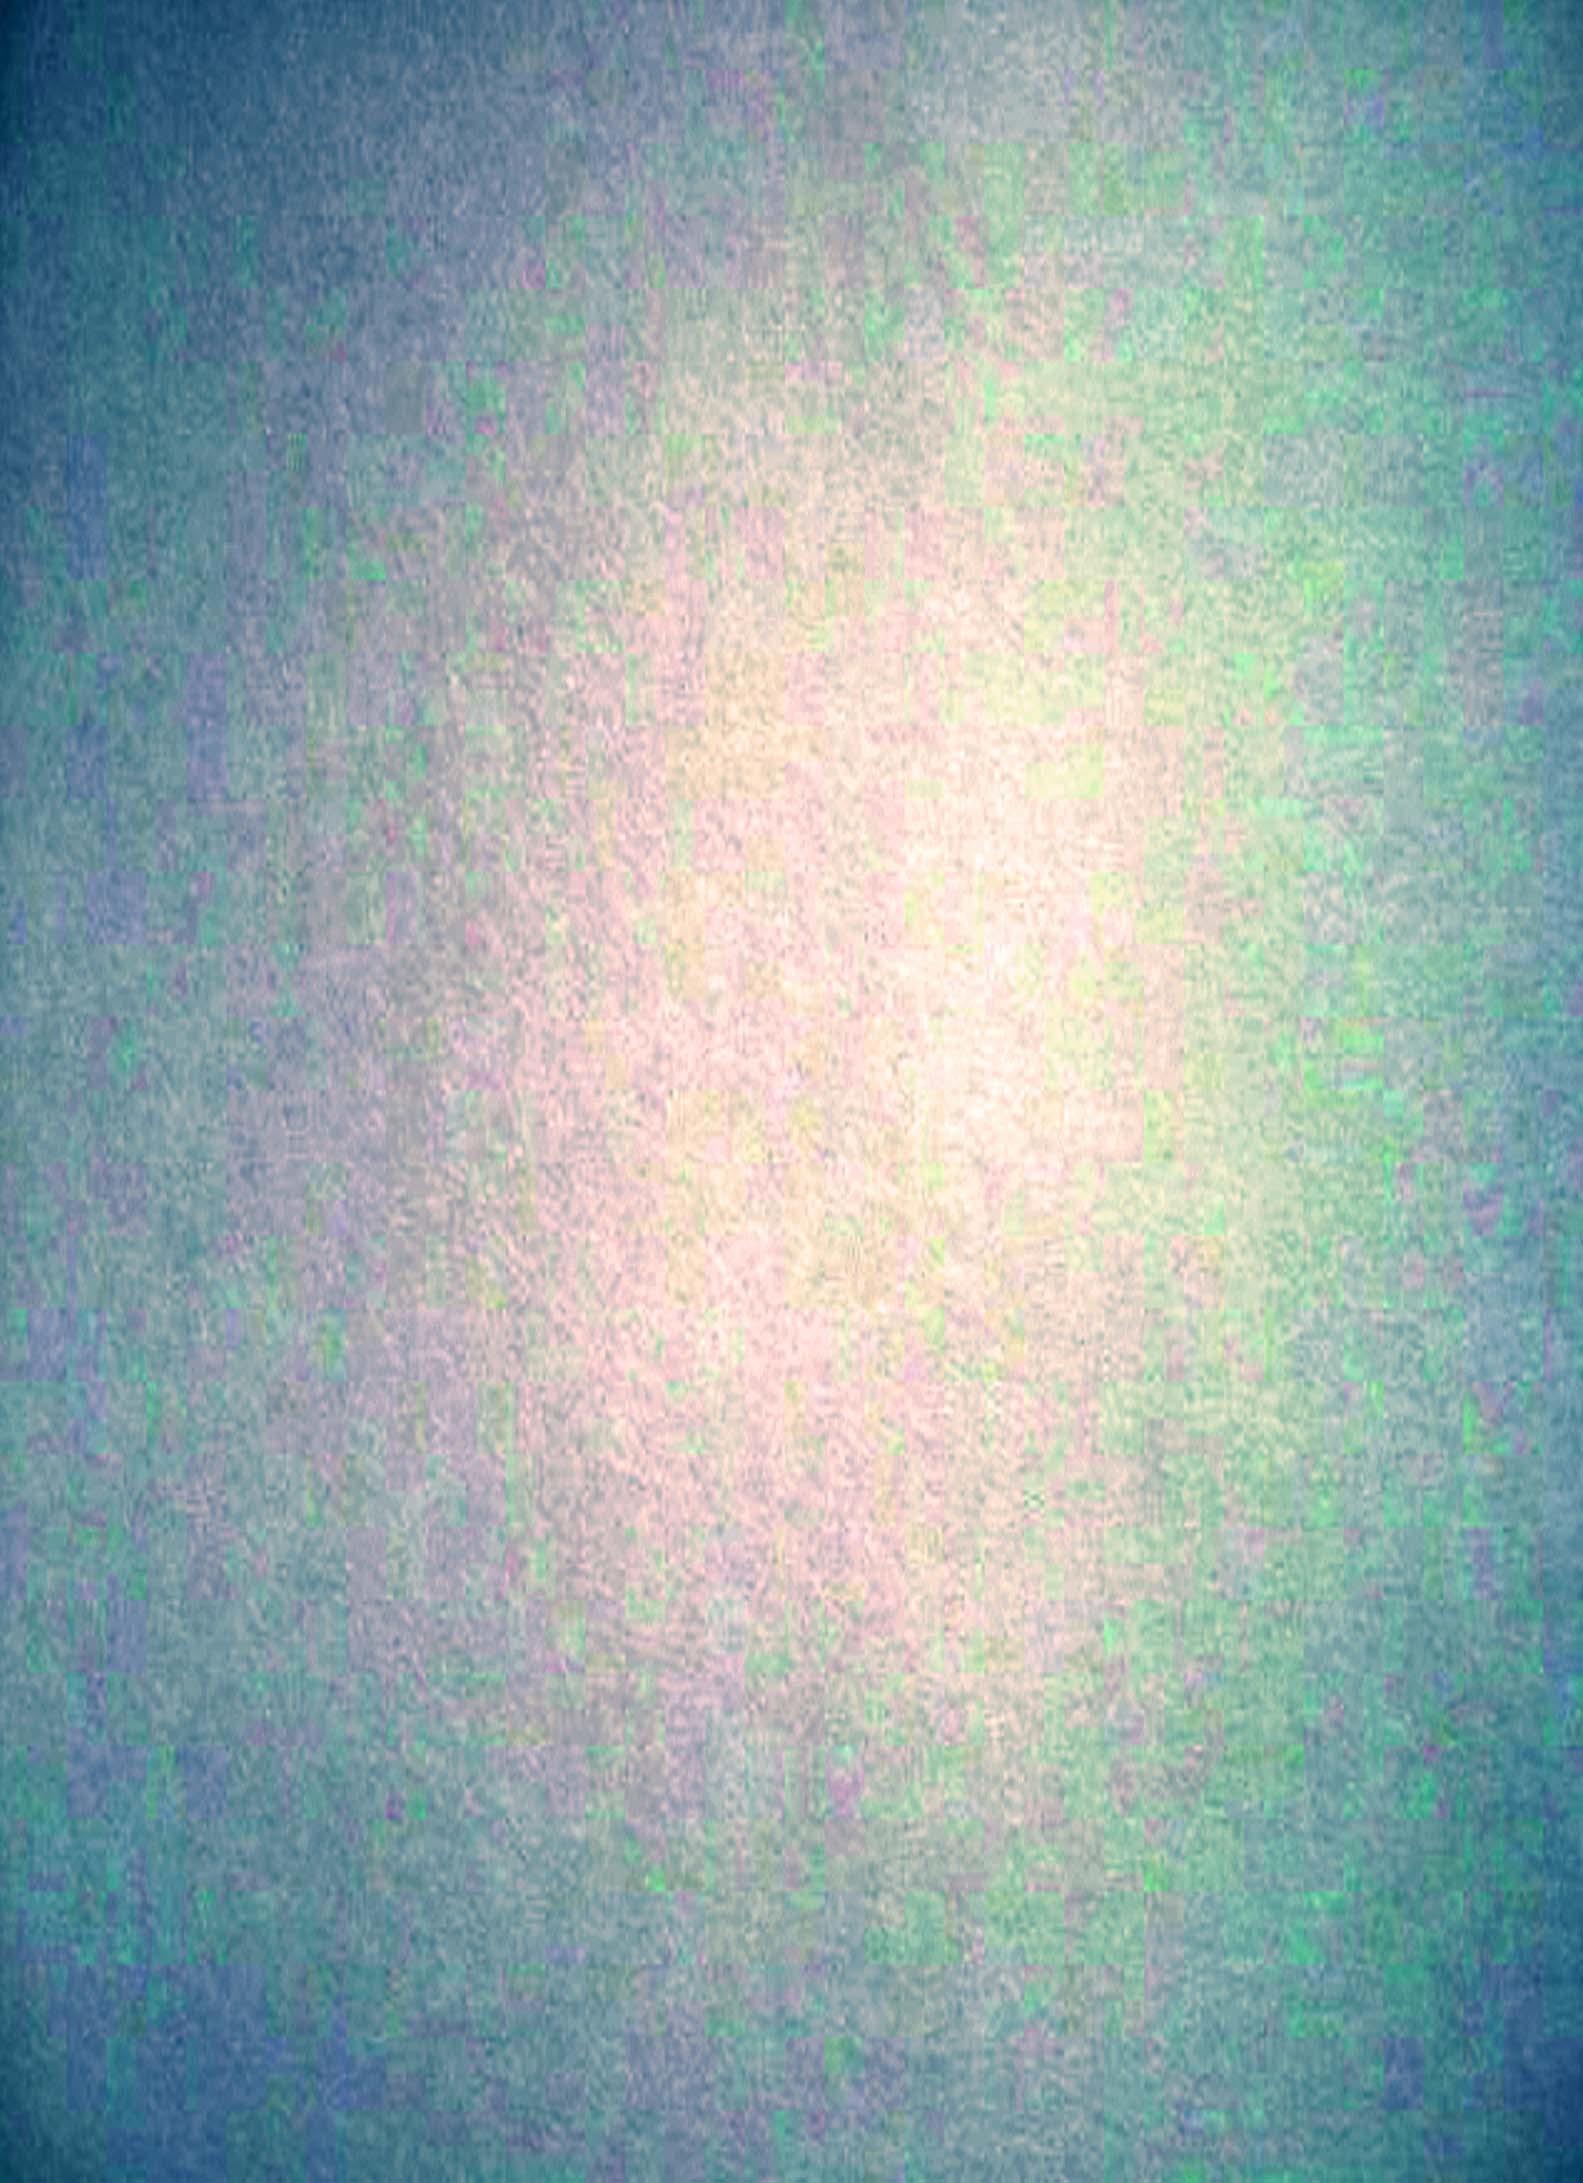 Flyers Wallpaper Images - WallpaperSafari